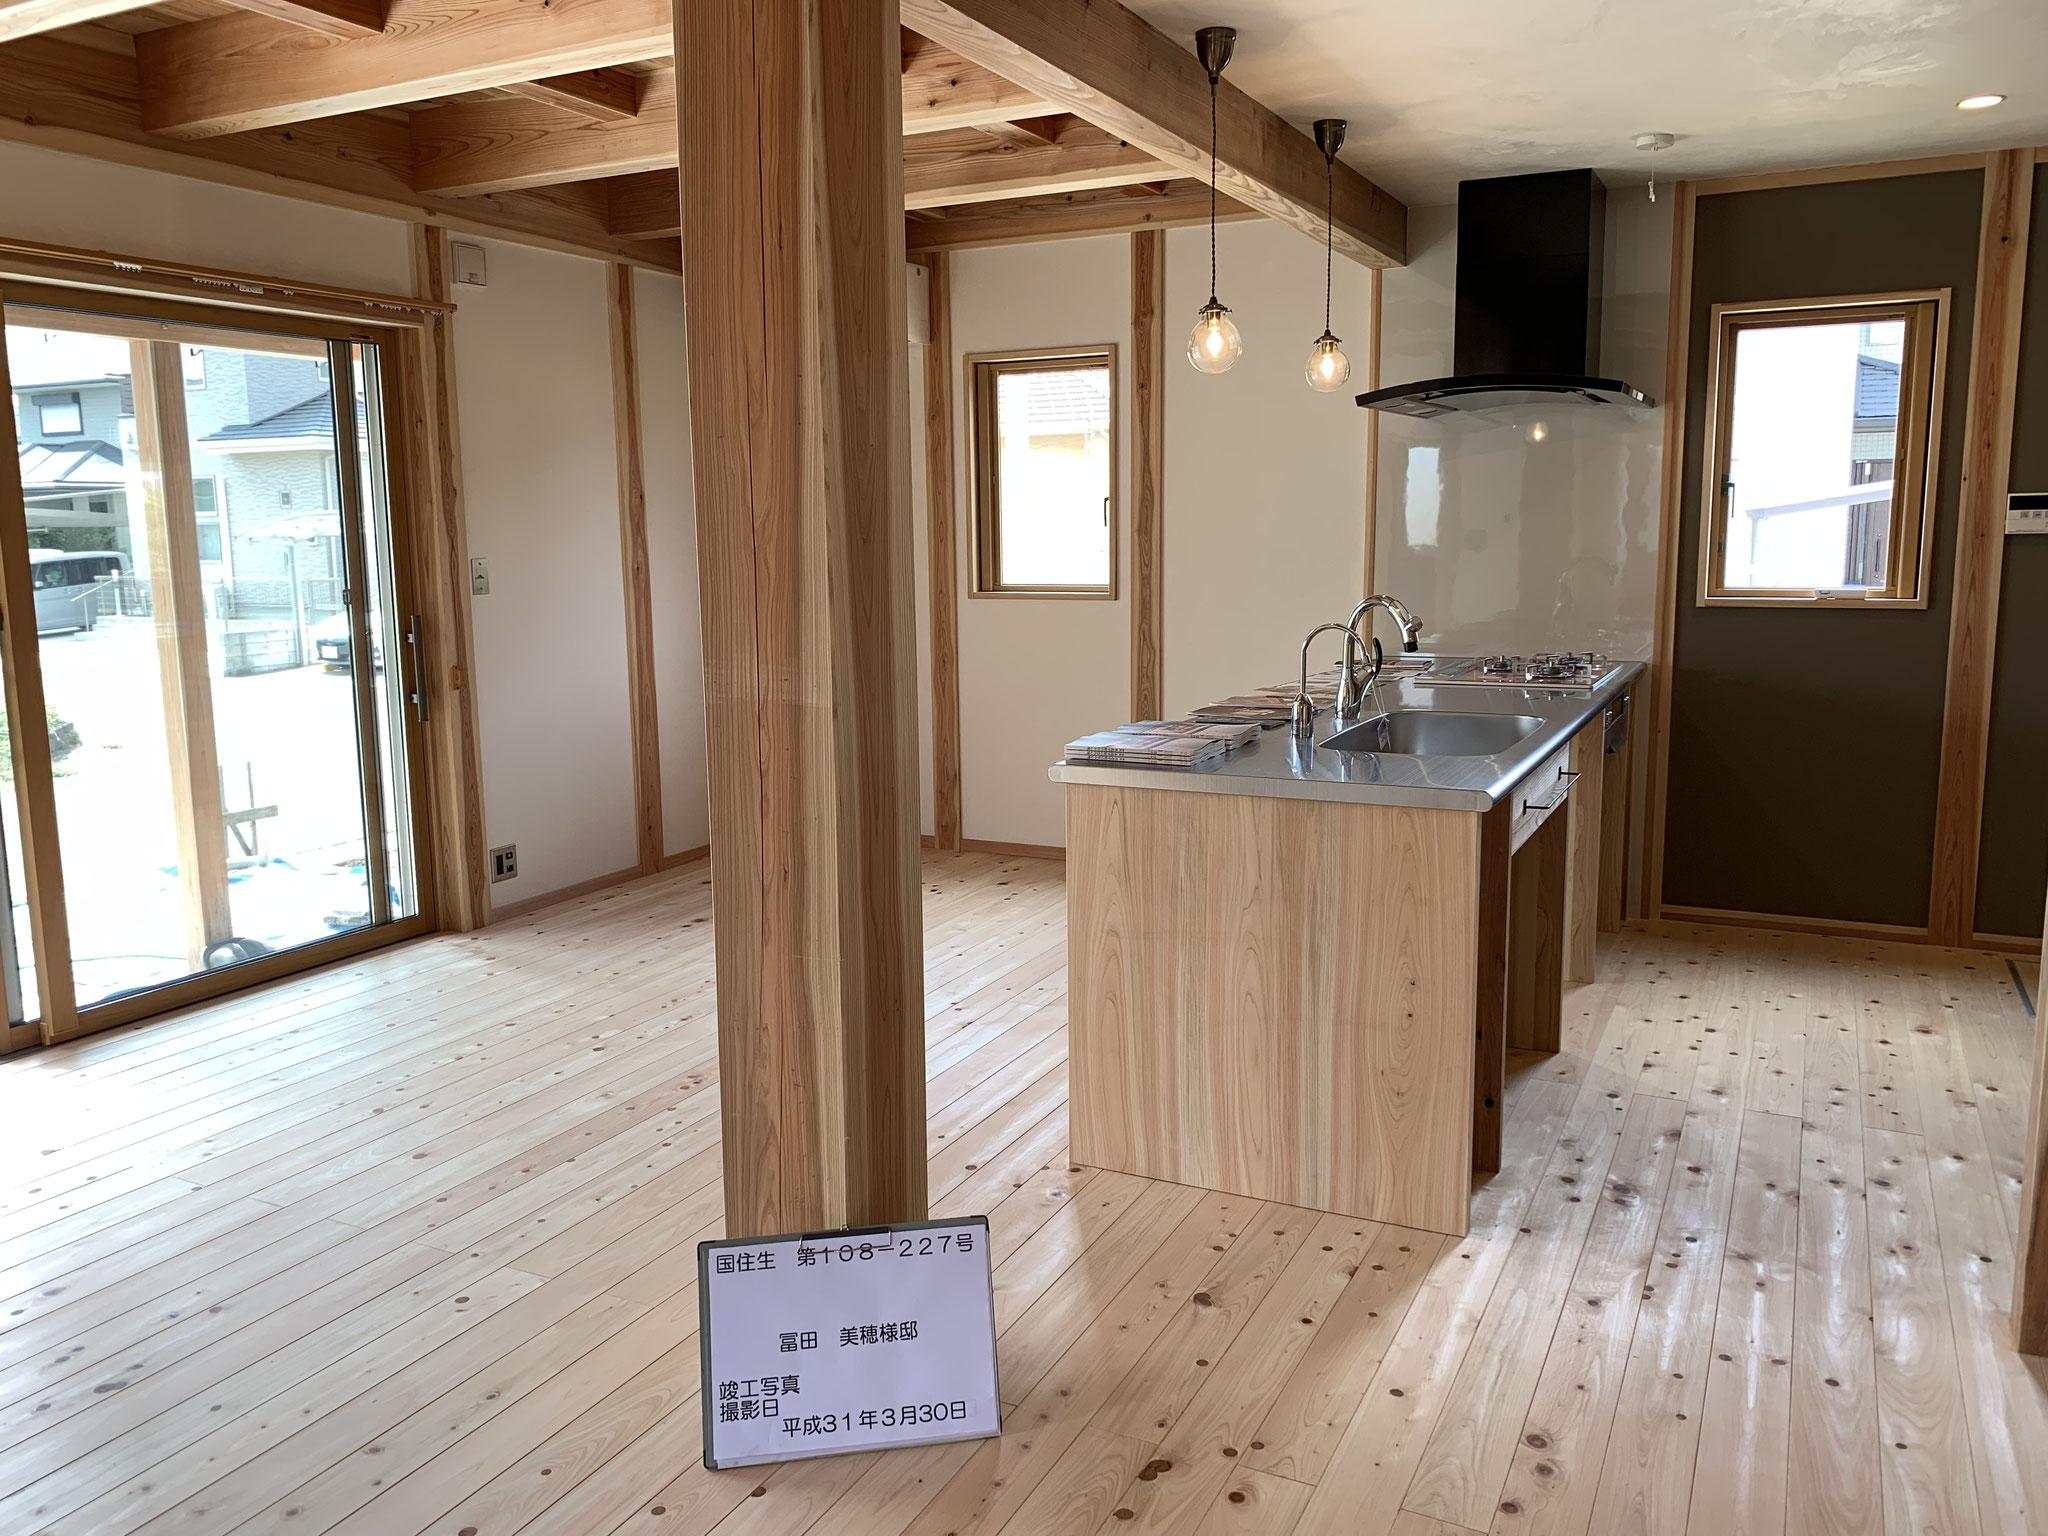 大黒柱と杉板のキッチン